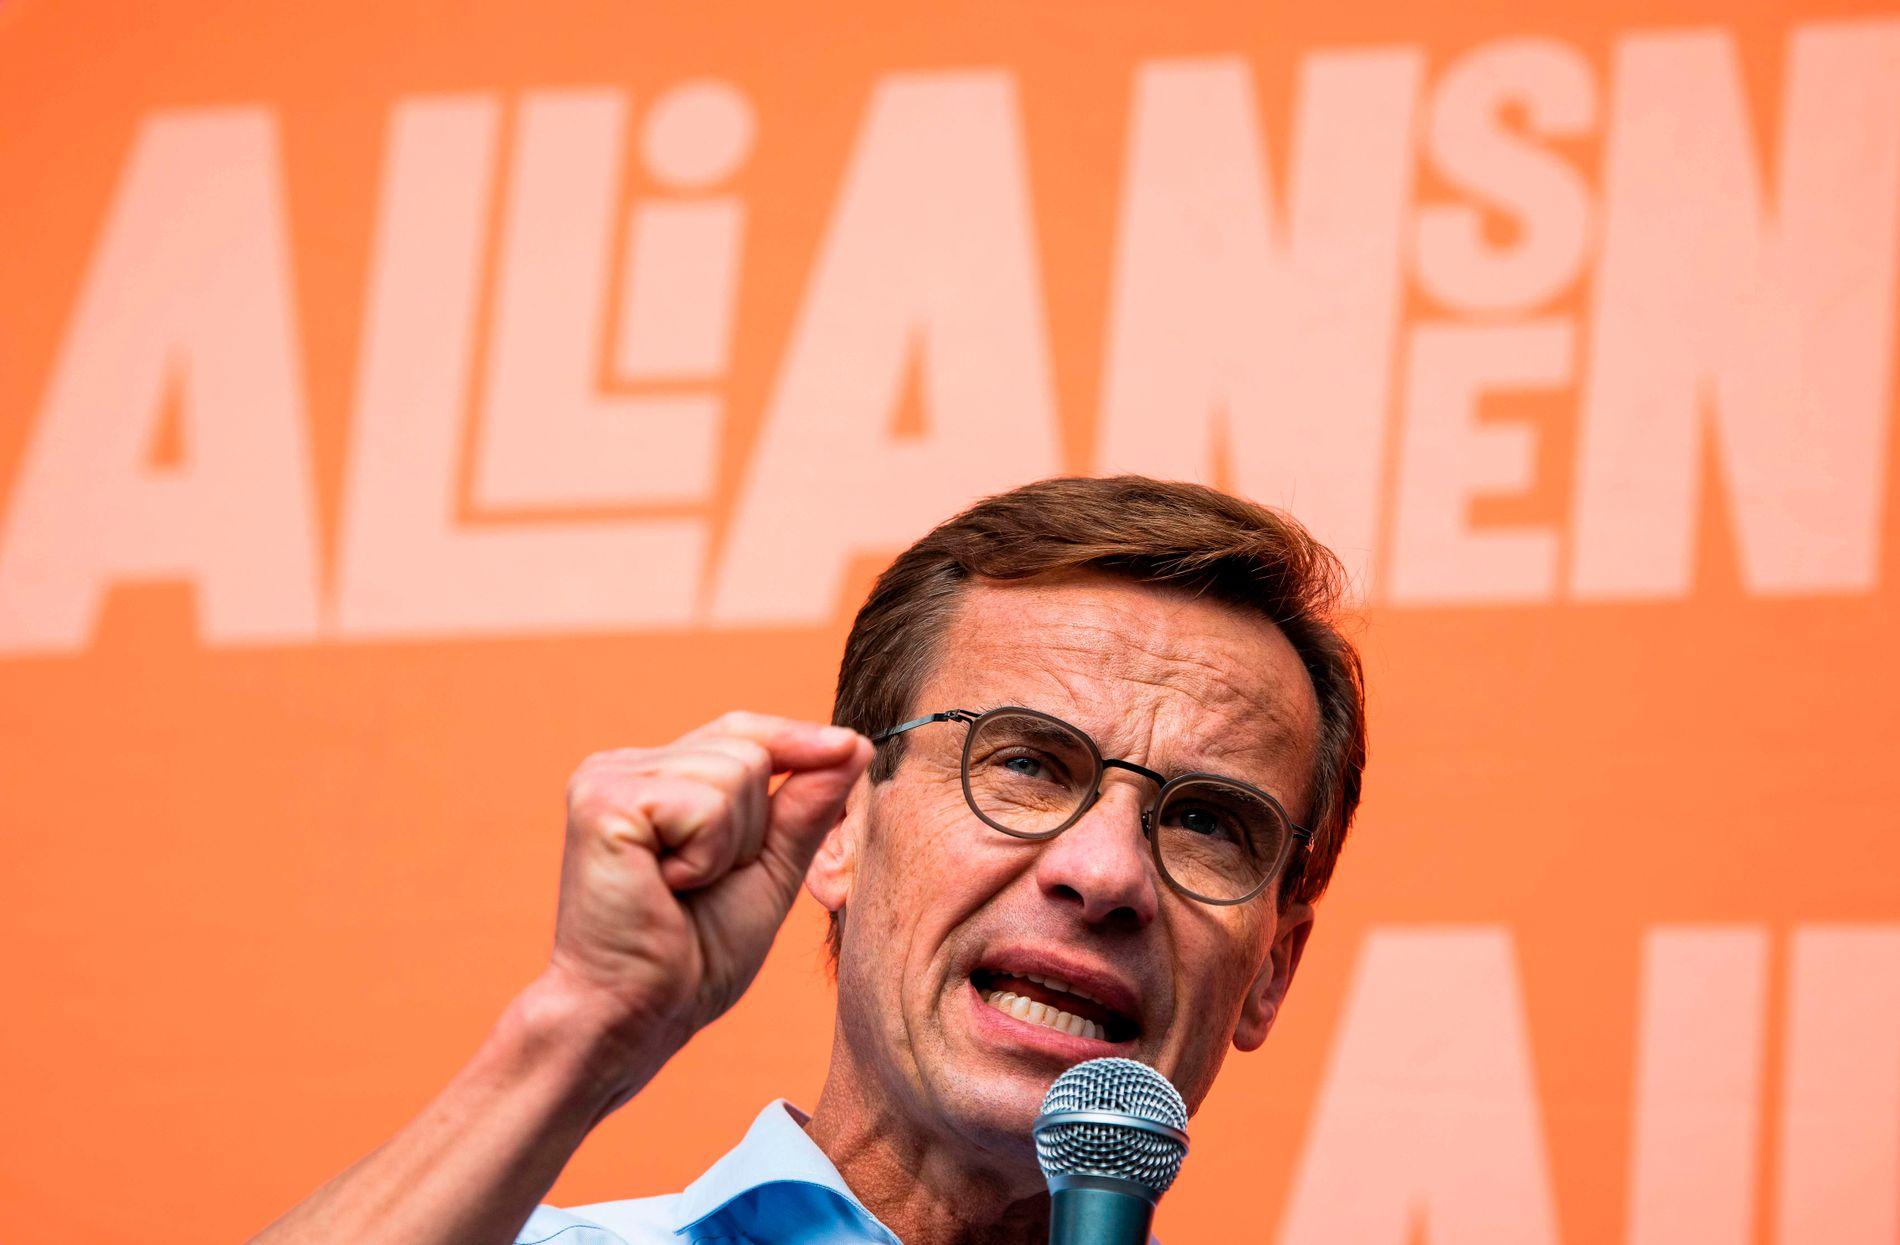 KANDIDATENE: Sverigedemokraternas leder Jimmie Åkesson vil gjerne samarbeide, men Moderaternas leder Ulf Kristersson (på bildet) sier nei.